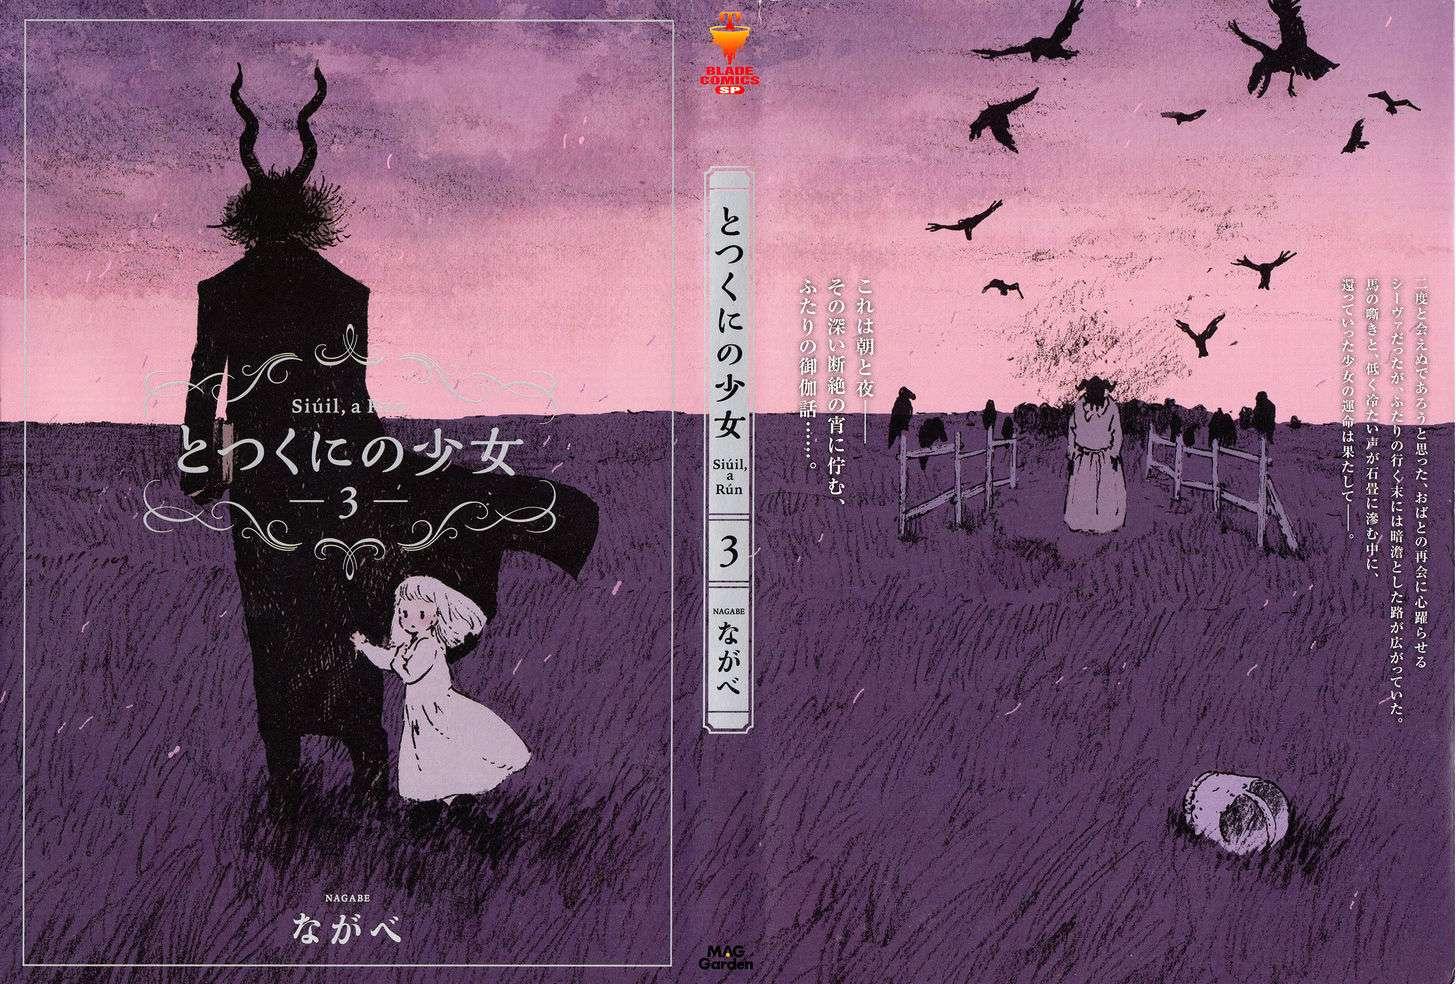 อ่านการ์ตูน Totsukuni no shoujo ตอนที่ 15 หน้าที่ 35